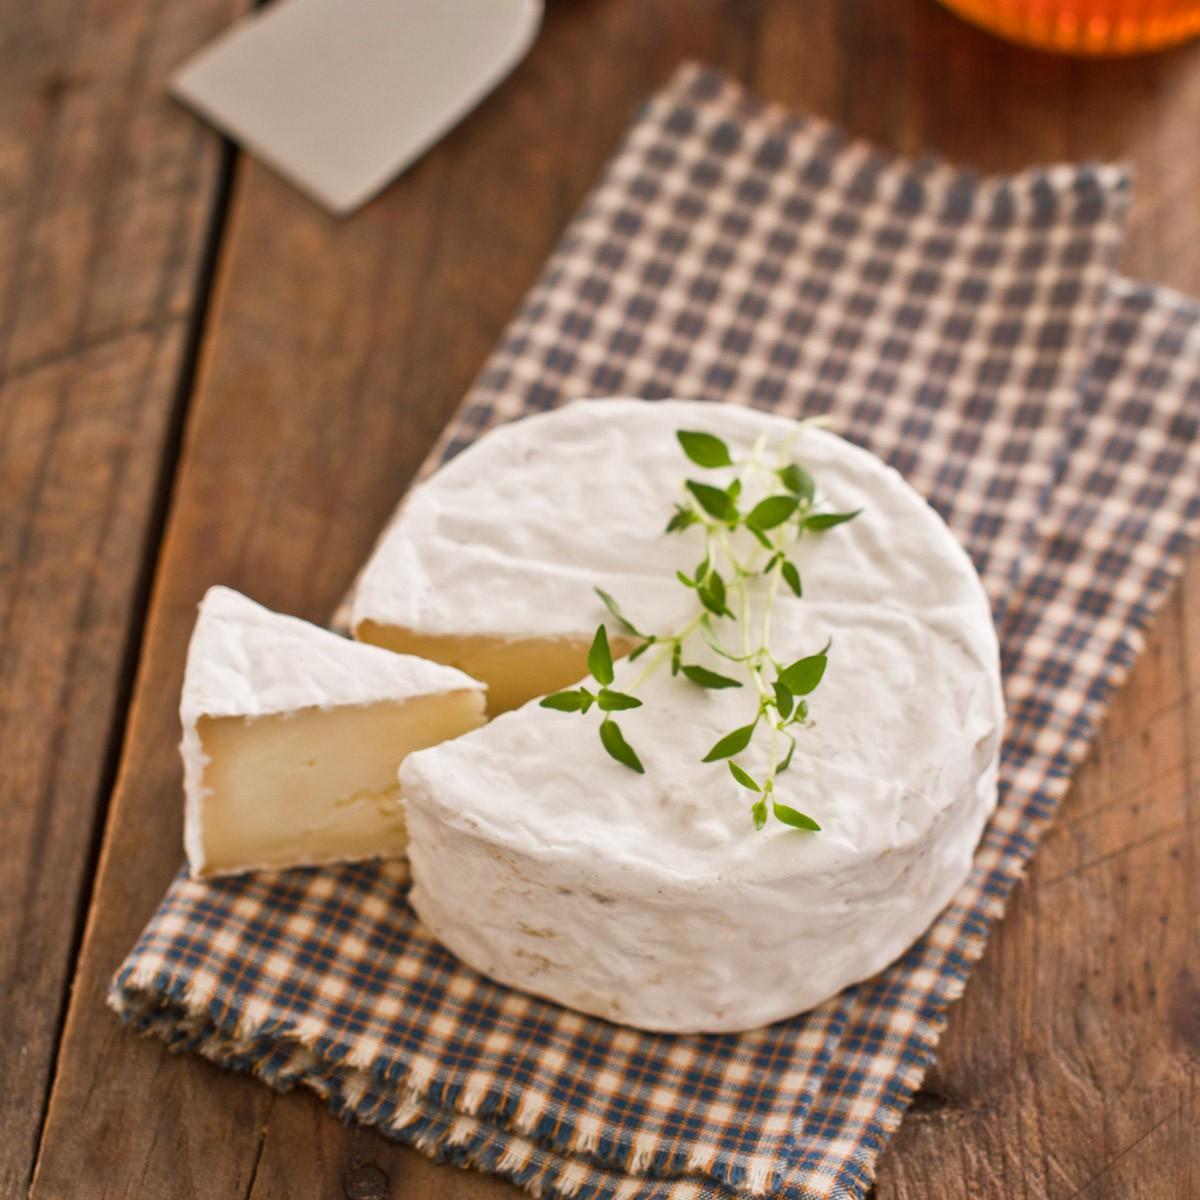 Avecuia - Queijo de leite de ovelha tipo Camembert - 280g